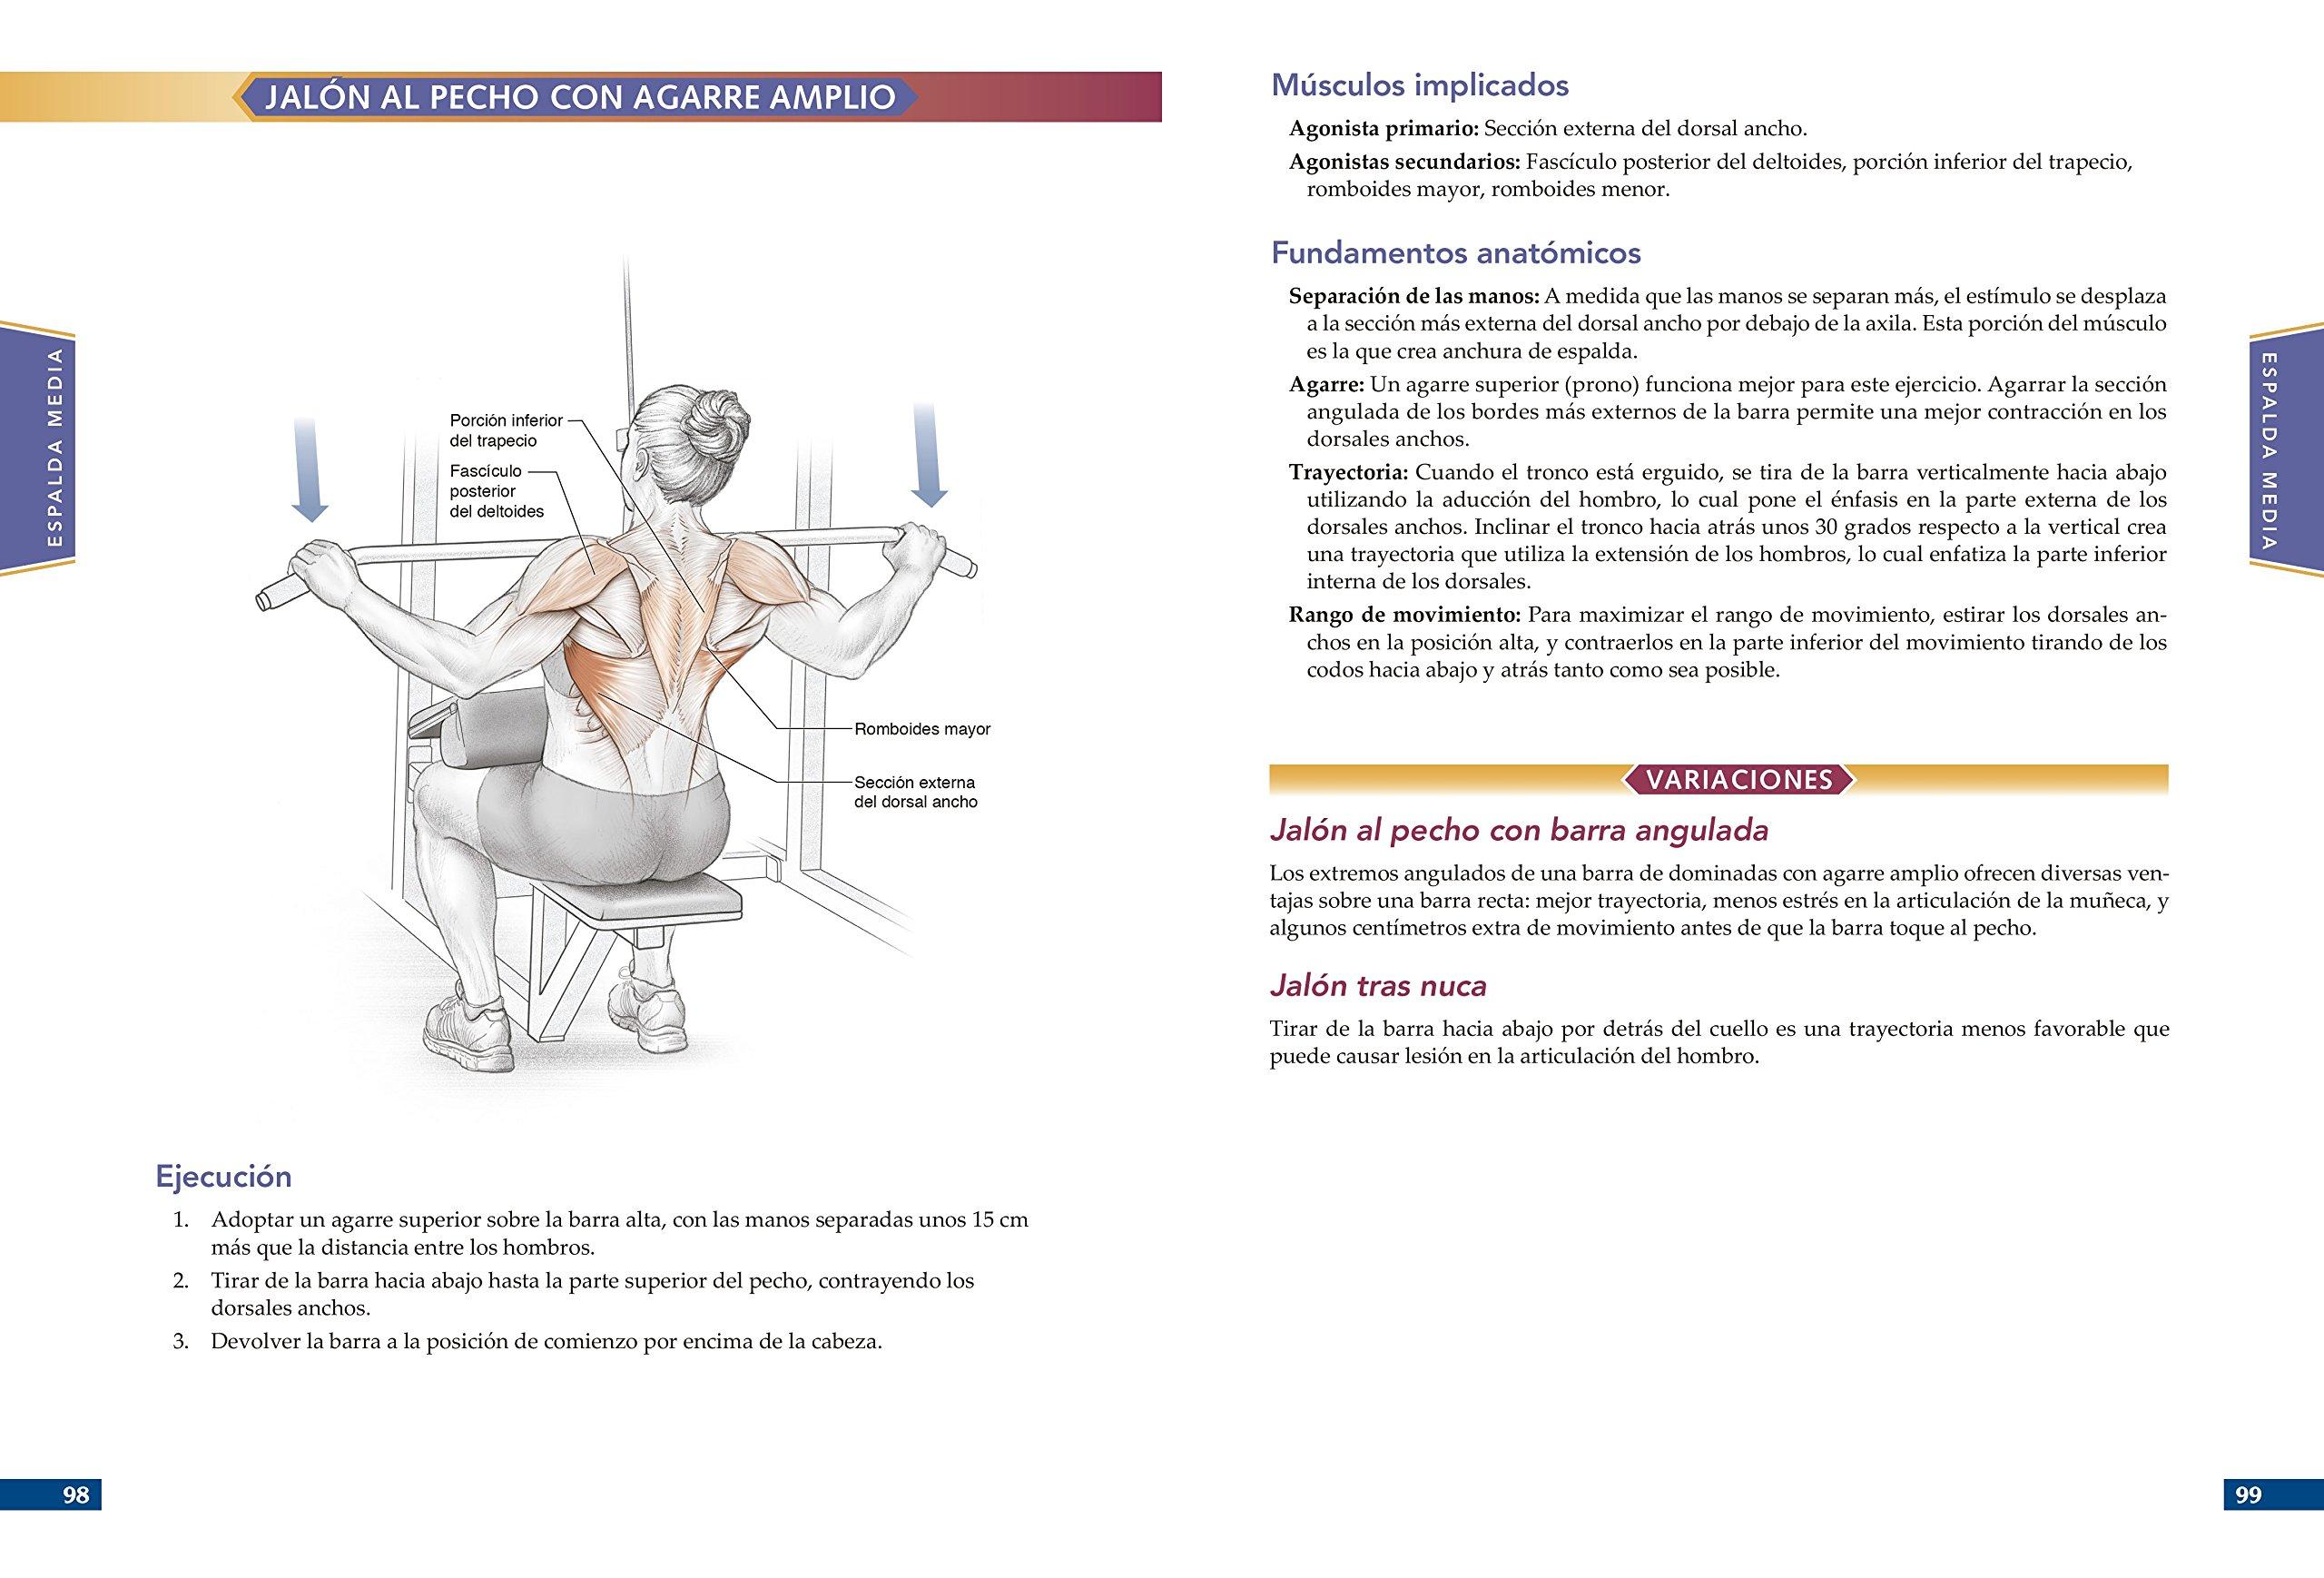 Anatomía de la musculación. Nueva edición ampliada y actualizada: Amazon.es: Nick Evans: Libros